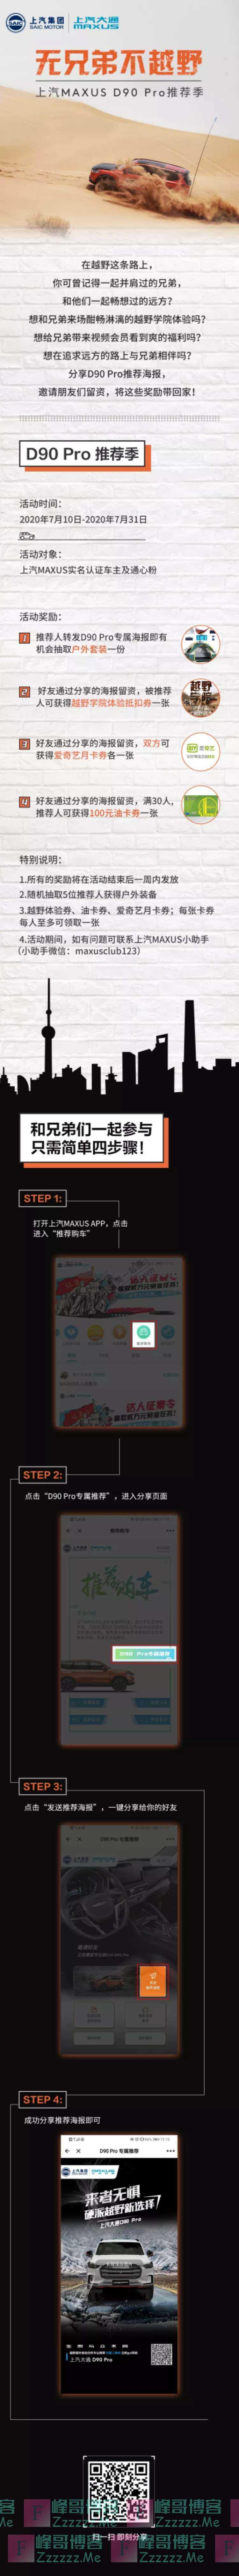 我行MAXUS【推荐季】油卡、爱奇艺月卡……通通享不停(截止7月31日)